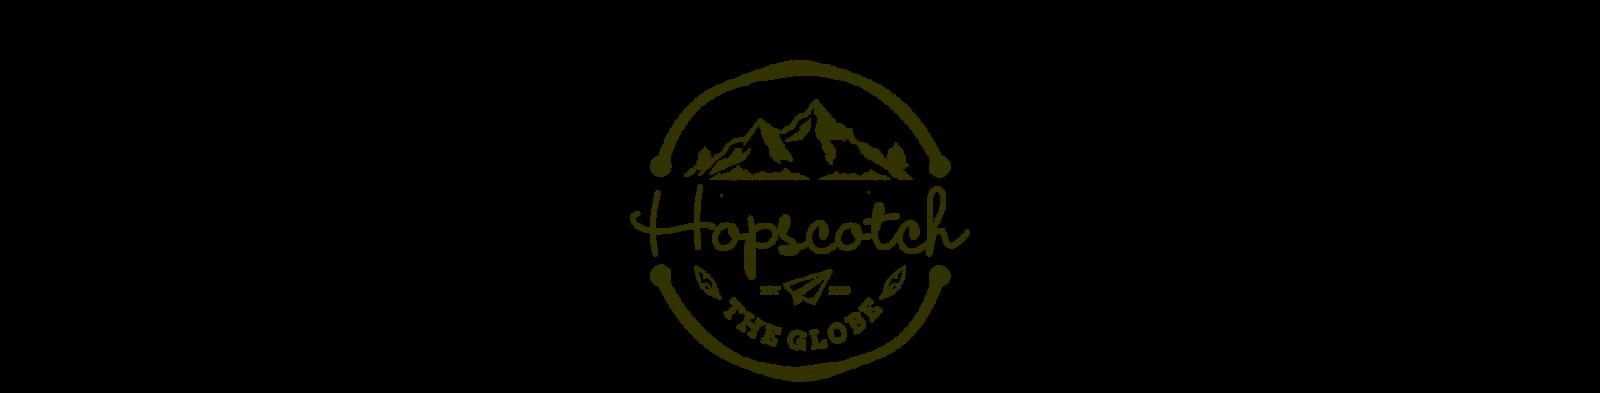 hopscotchtheglobe.com